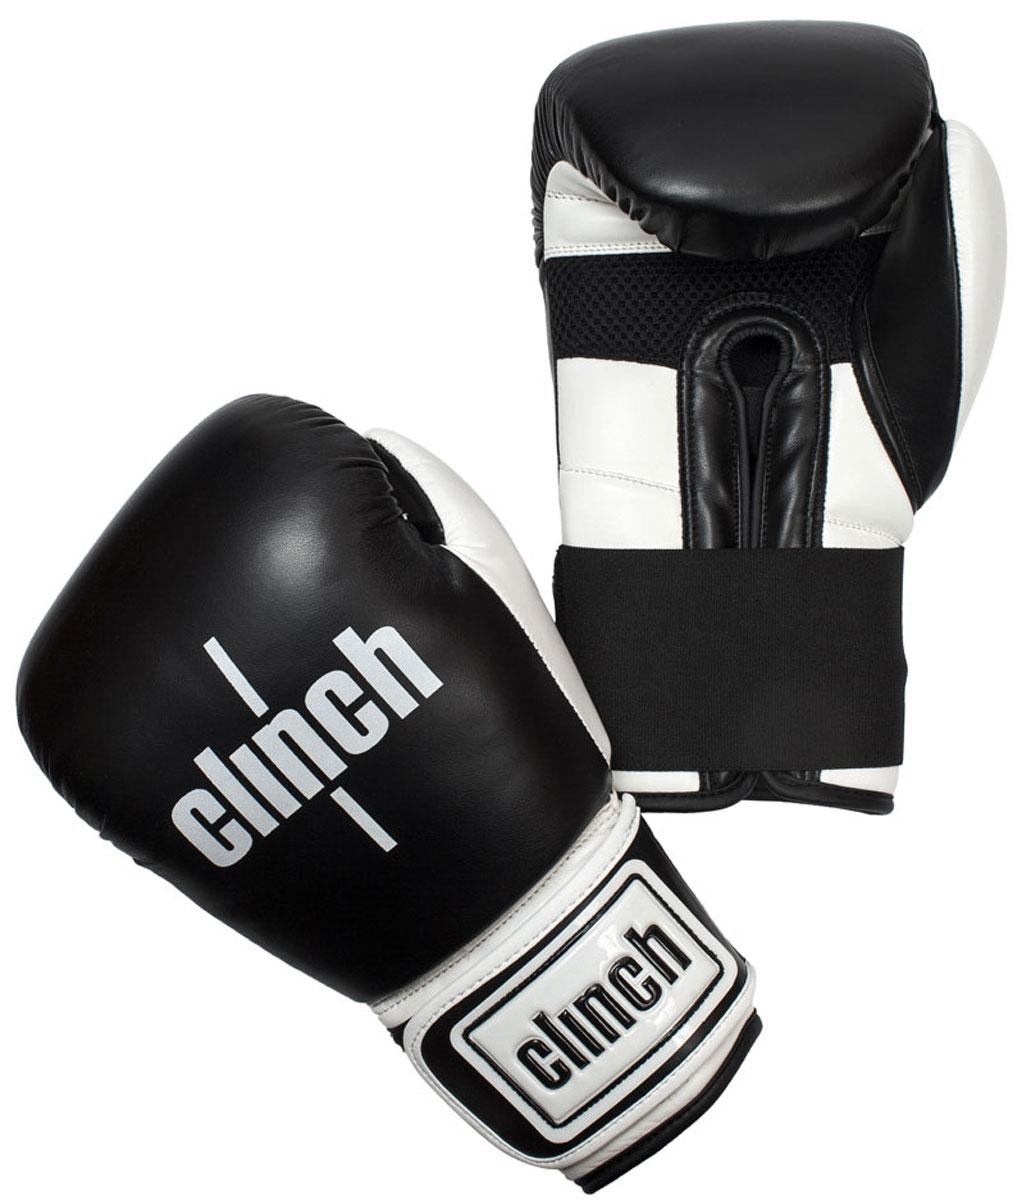 Перчатки боксерские Clinch Punch, цвет: черно-белый, 10 унций. C131AIRWHEEL M3-162.8Боксерские перчатки Punch. Изготовлены из высококачественного, прочного эластичного полиуретана. Многослойный пенный наполнитель обеспечивает улучшенную анатомическую посадку, комфорт и высокий уровень защиты. Широкая резинка позволяет оптимально фиксировать запястье.